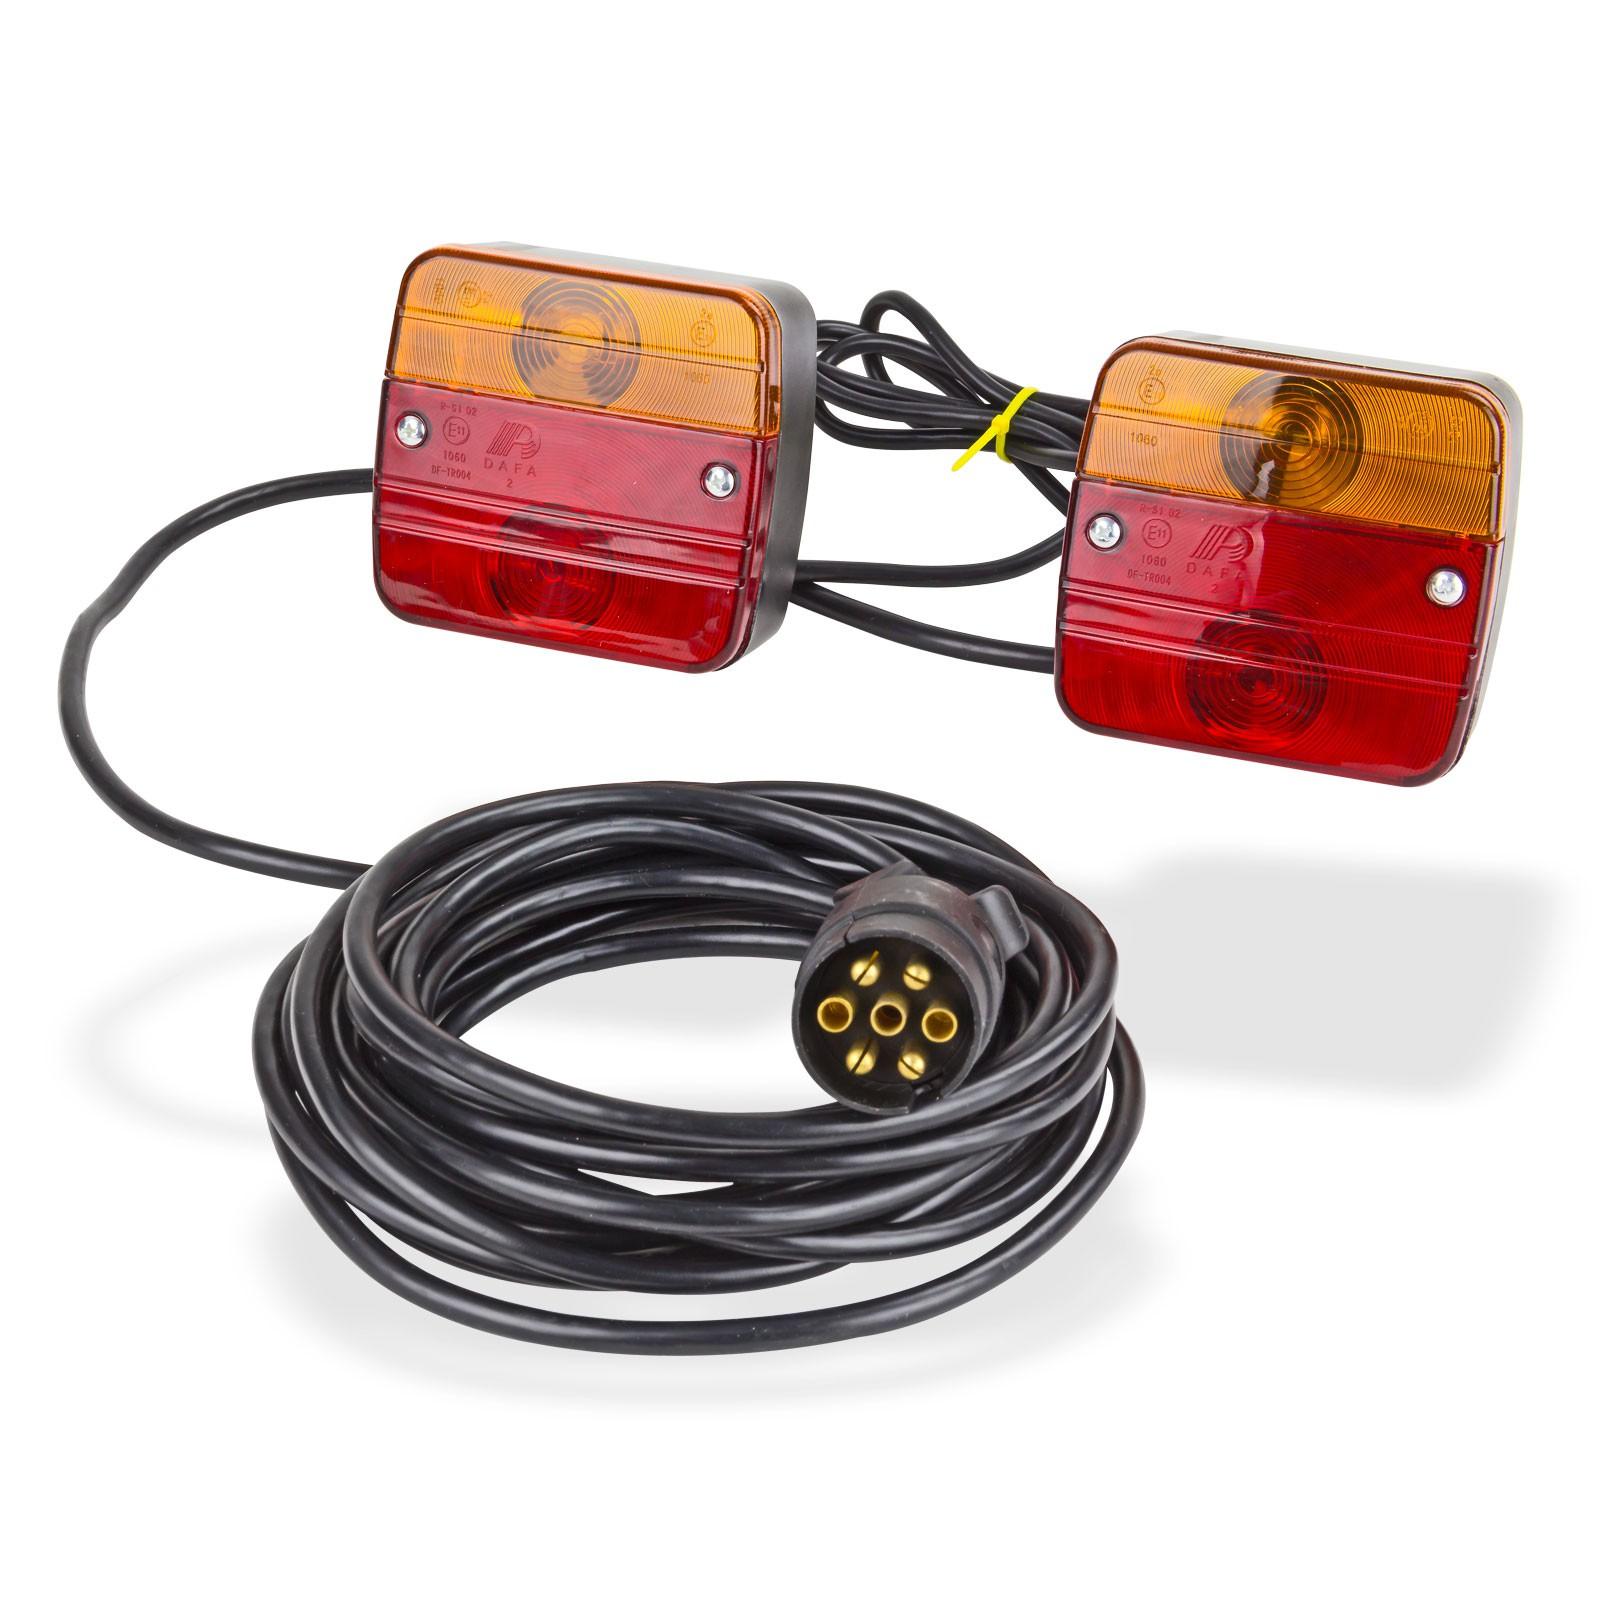 Magnet Beleuchtungssatz Rücklichter Beleuchtung 12V für Anhänger ...